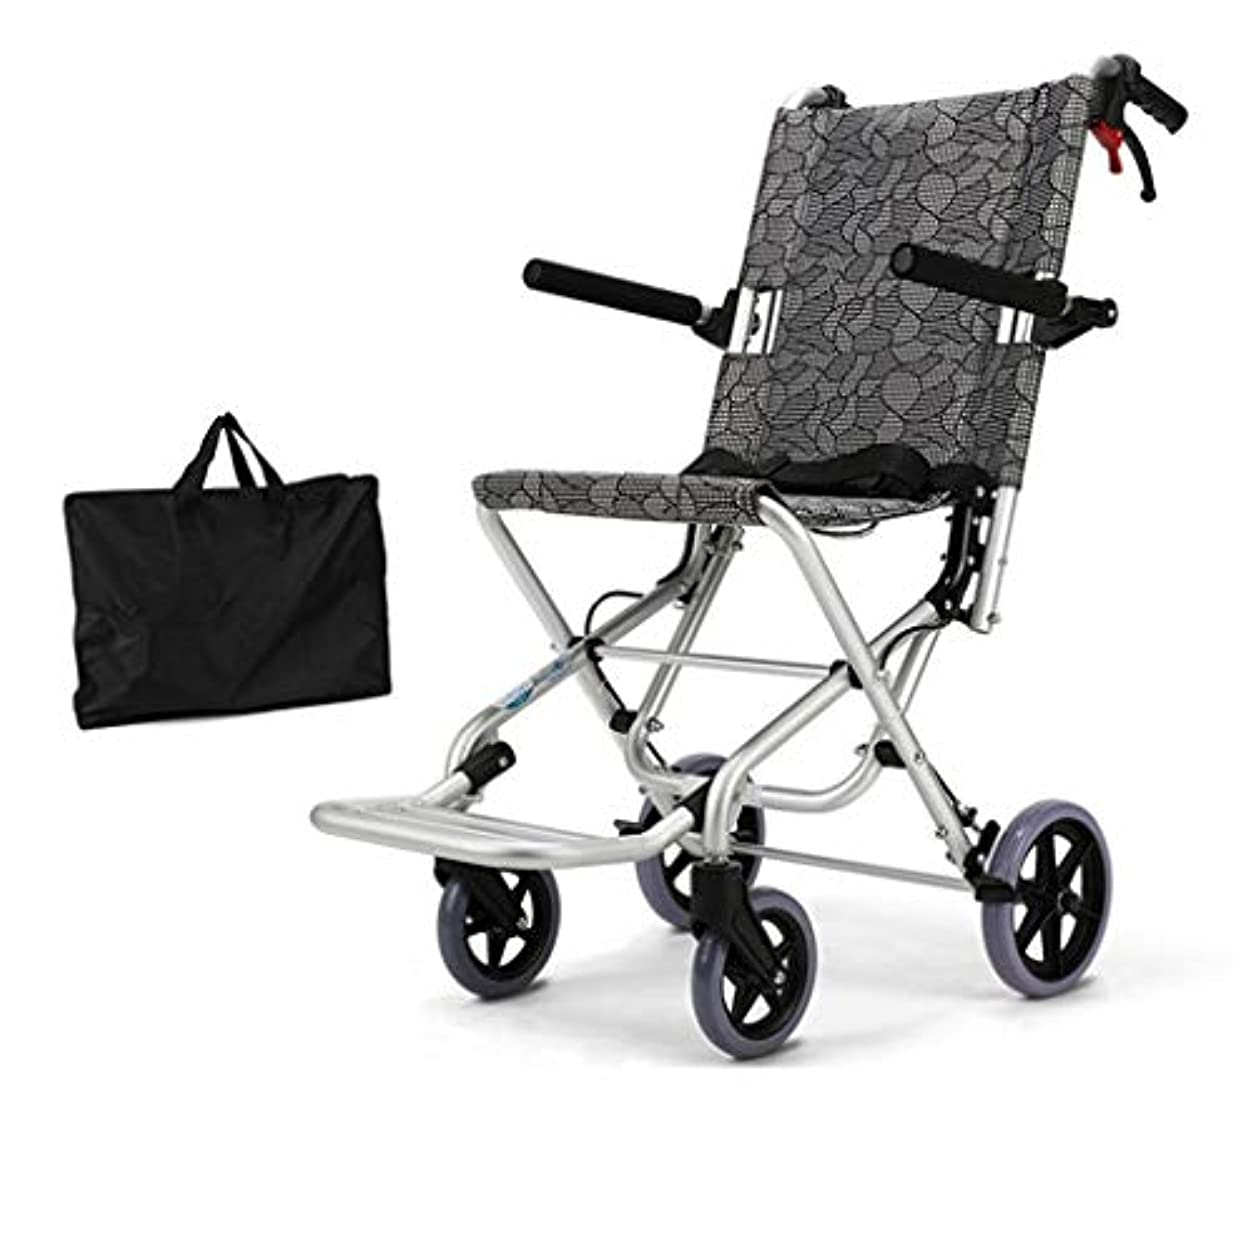 ジェットまぶしさピュー車椅子用アルミニウム合金折りたたみ式、高齢者障害者用ポータブルプッシュ車椅子